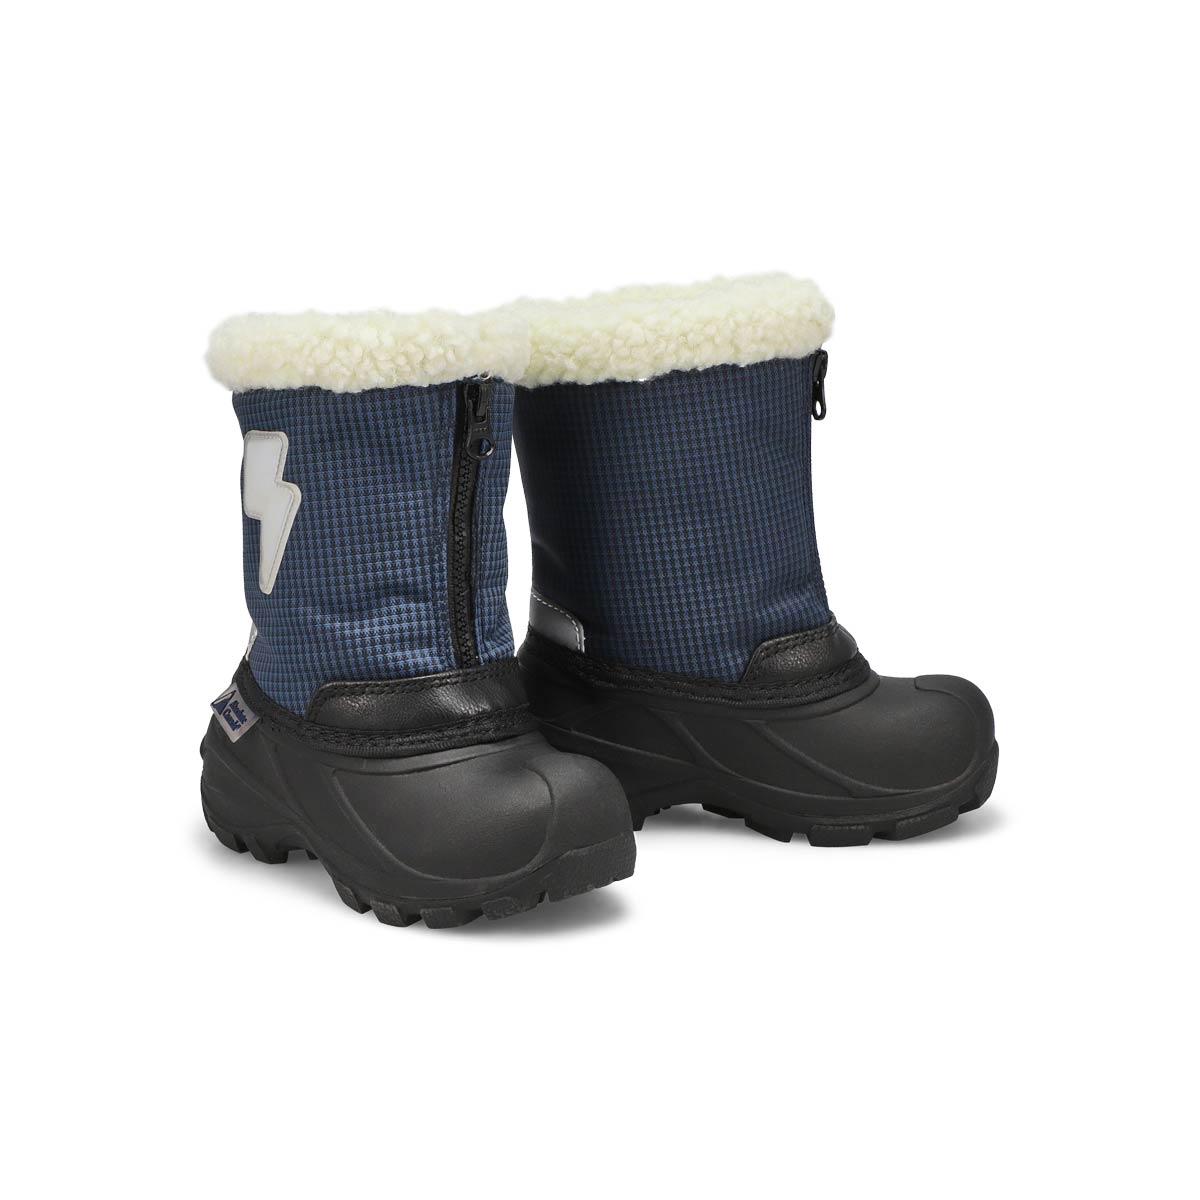 Infants' Elias Winter Boot - Navy